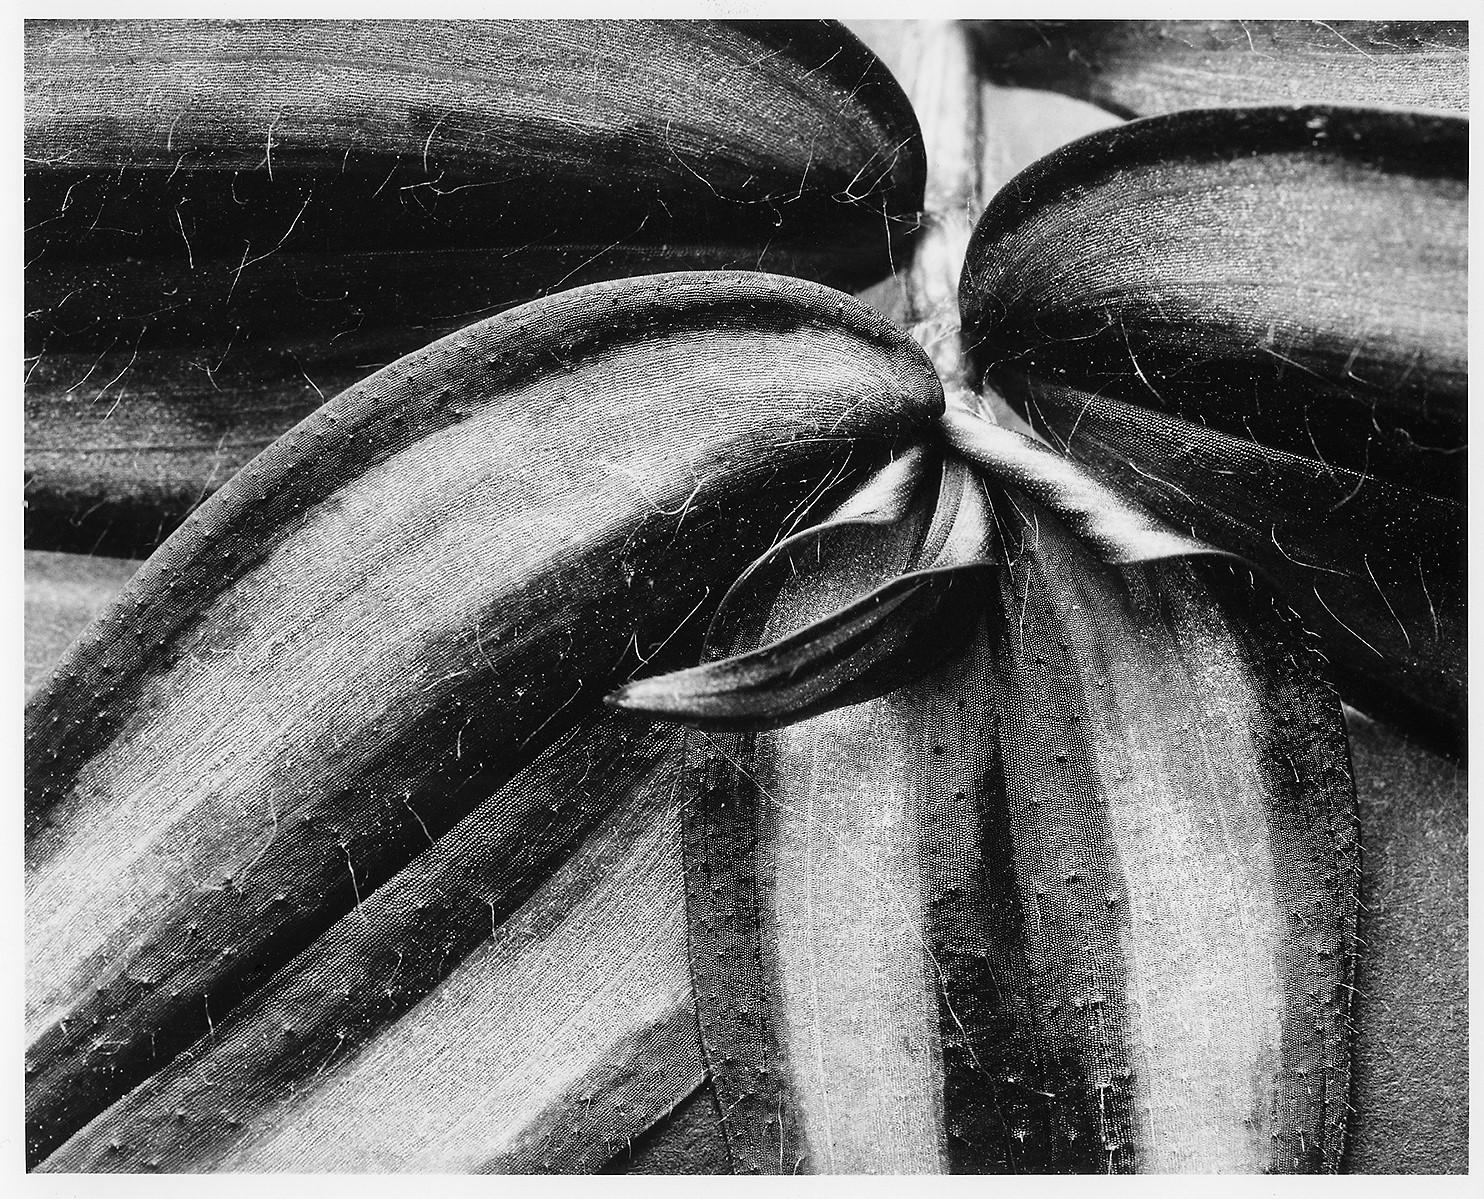 Trandescantia zebrina.jpg